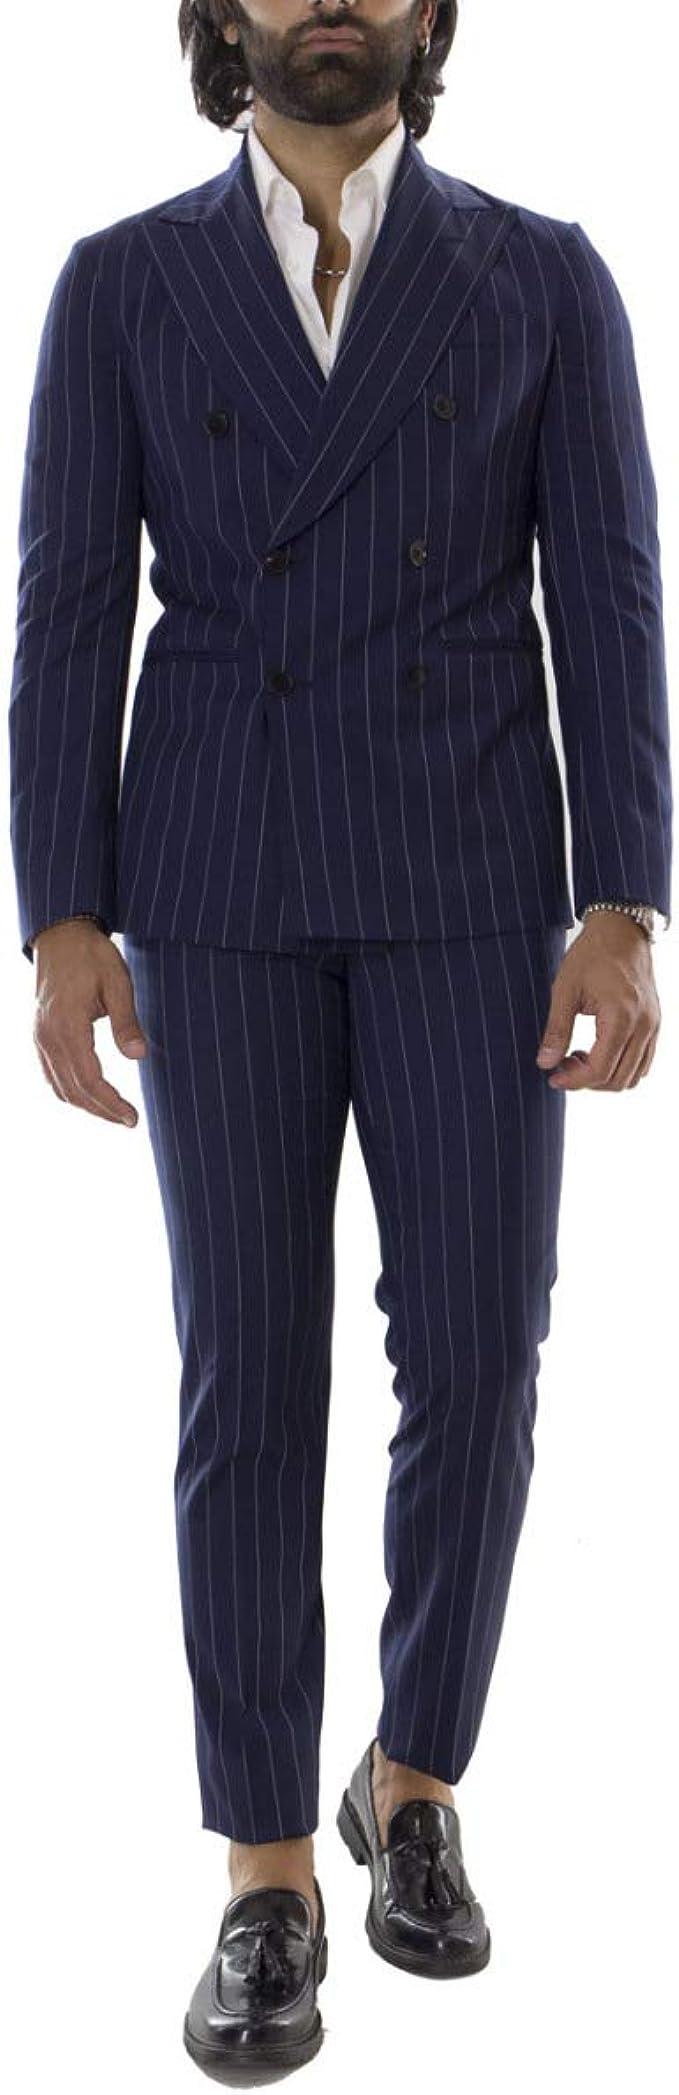 Carillo Moda - Vestido de hombre de doble pecho, con tiza ...